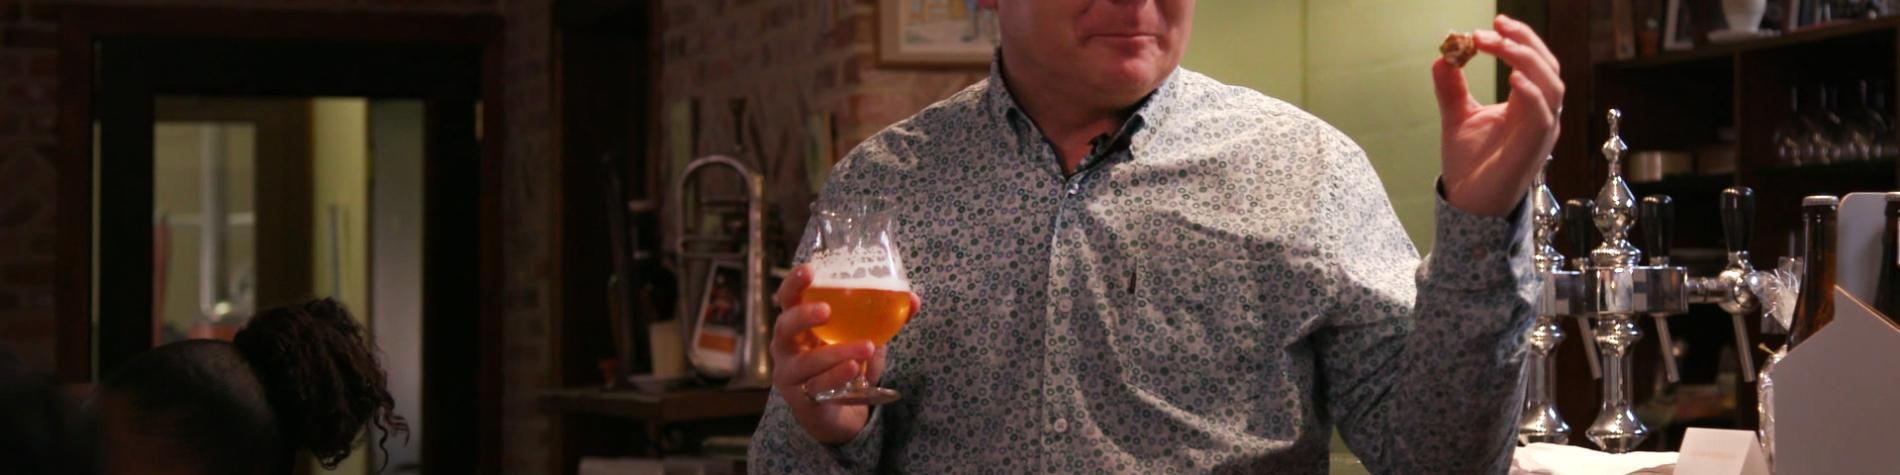 Foodpairing bière et chocolat - Discover Belgium